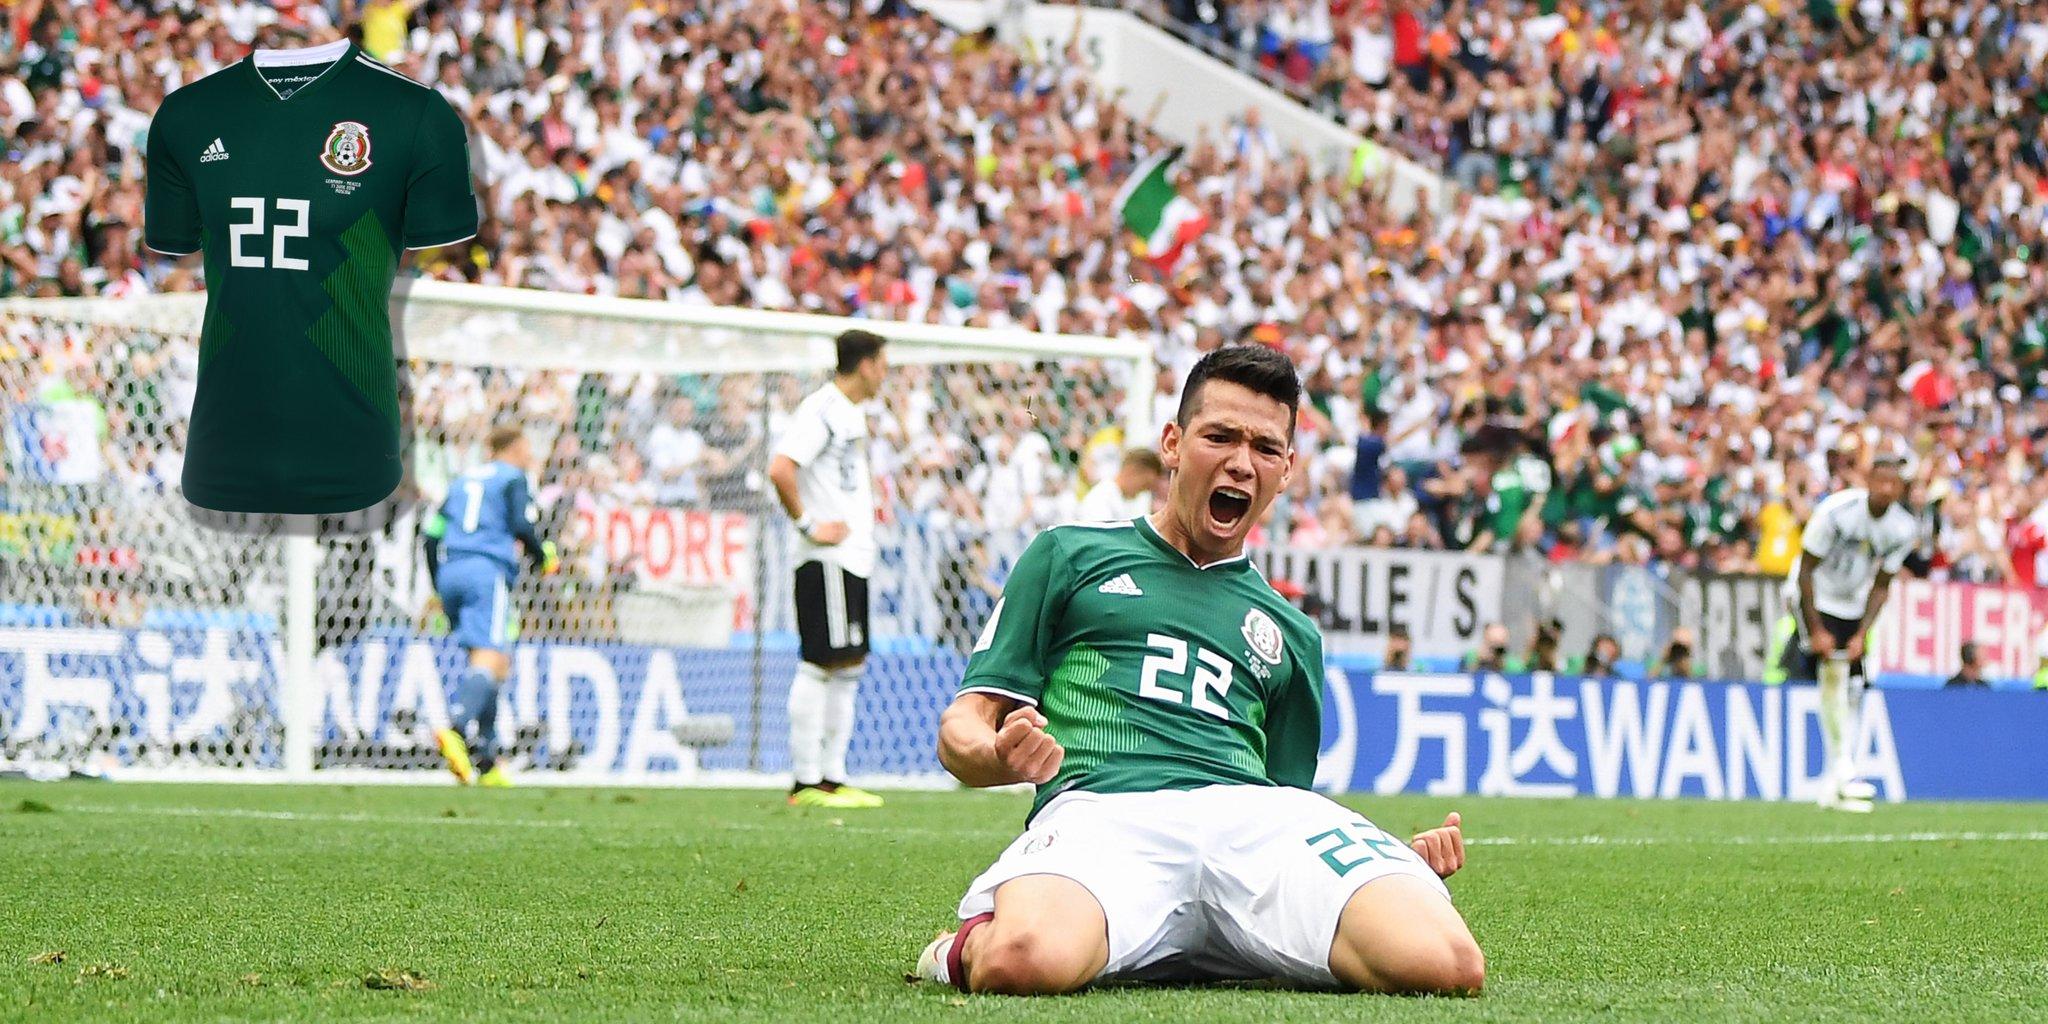 德国再遭补刀!墨西哥洛萨诺战袍被 FIFA博物馆收藏